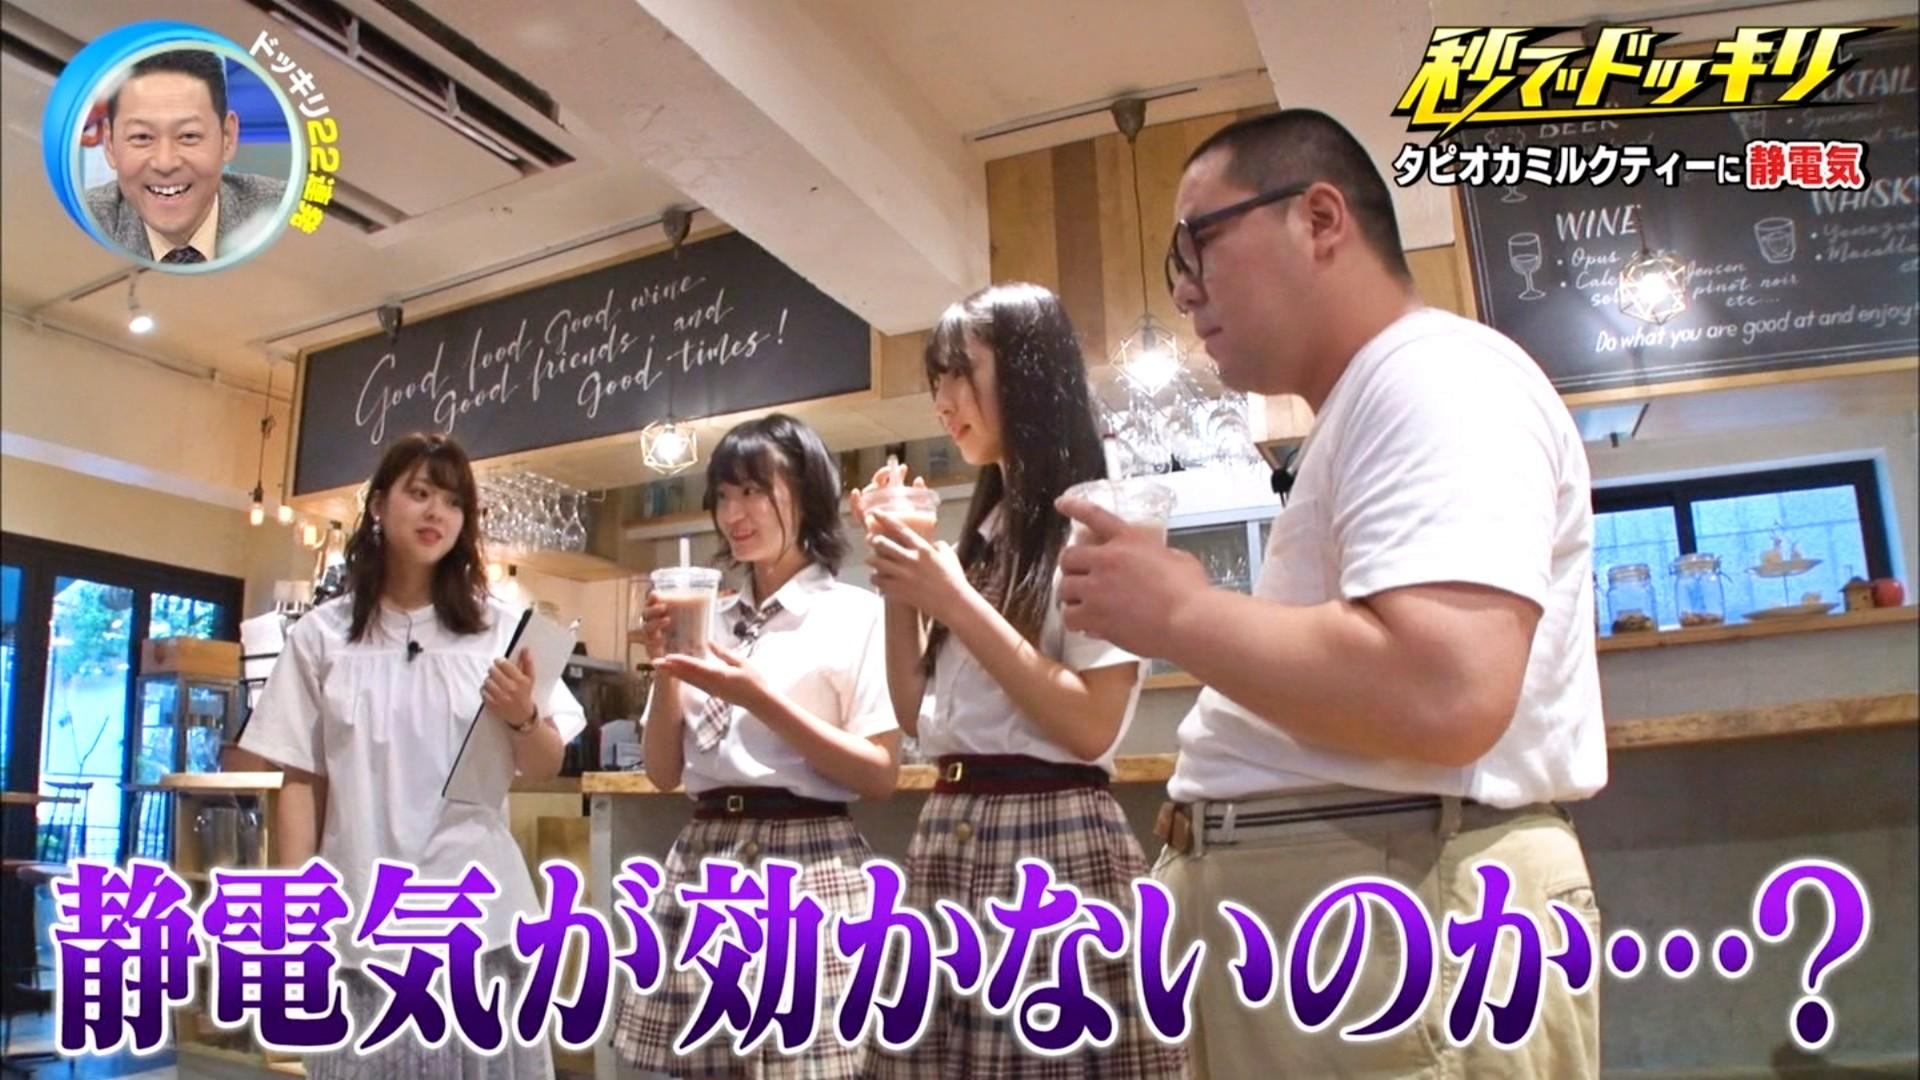 2019年11月30日にフジテレビ系列でほうそうされた「芸能人が本気で考えた!ドッキリGP」に出演したNMB48上西怜・大田莉央奈の画像-030